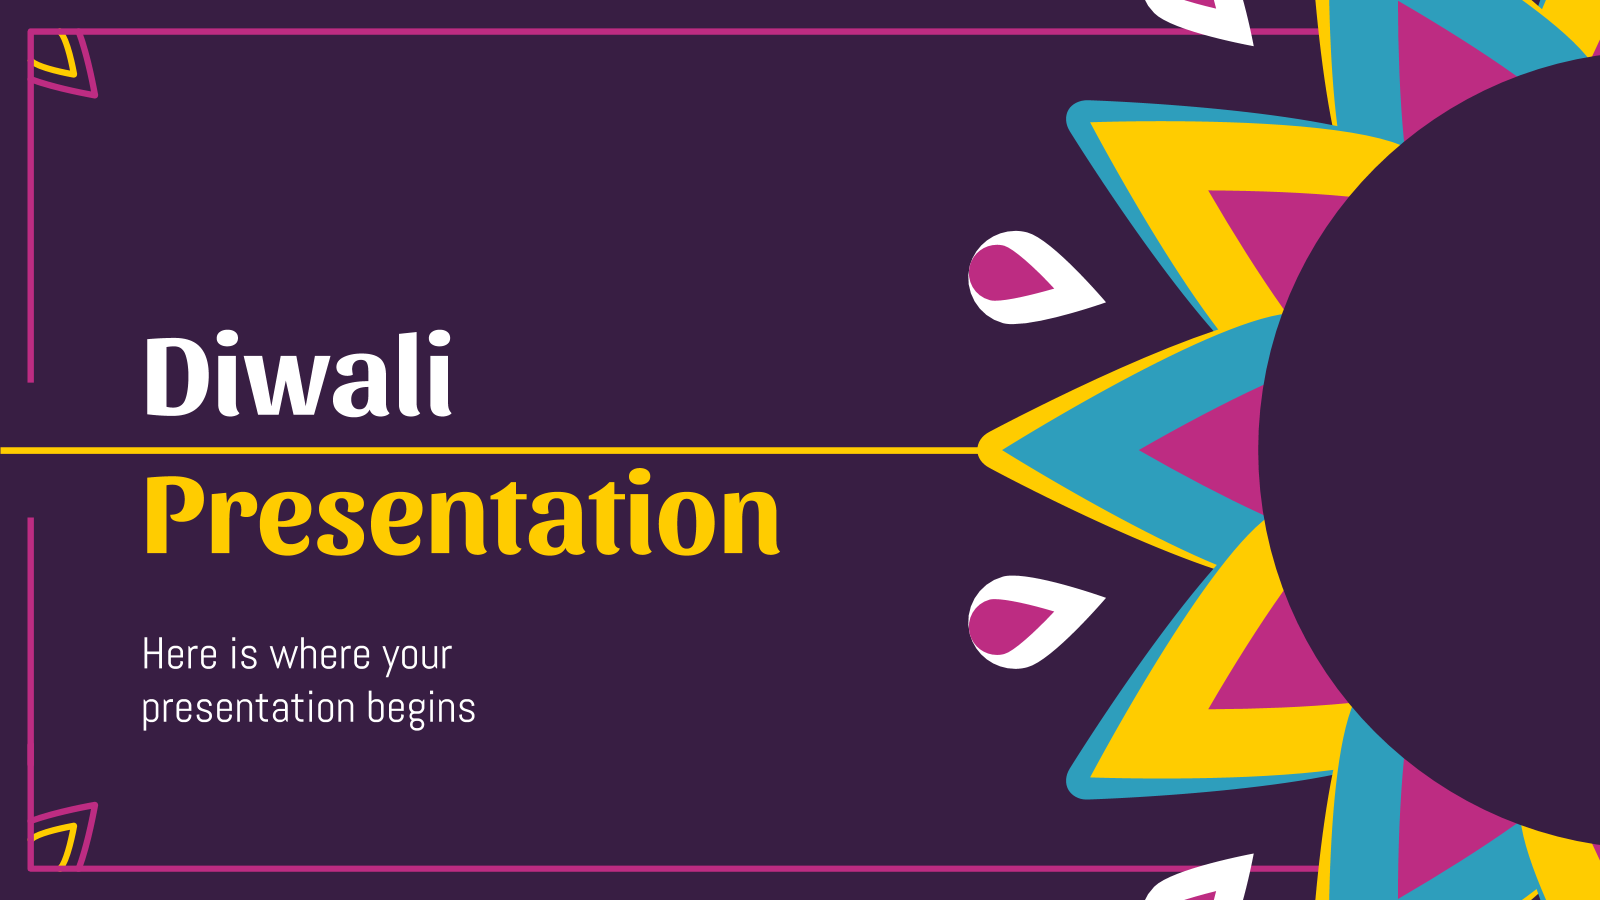 Modelo de apresentação Diwali